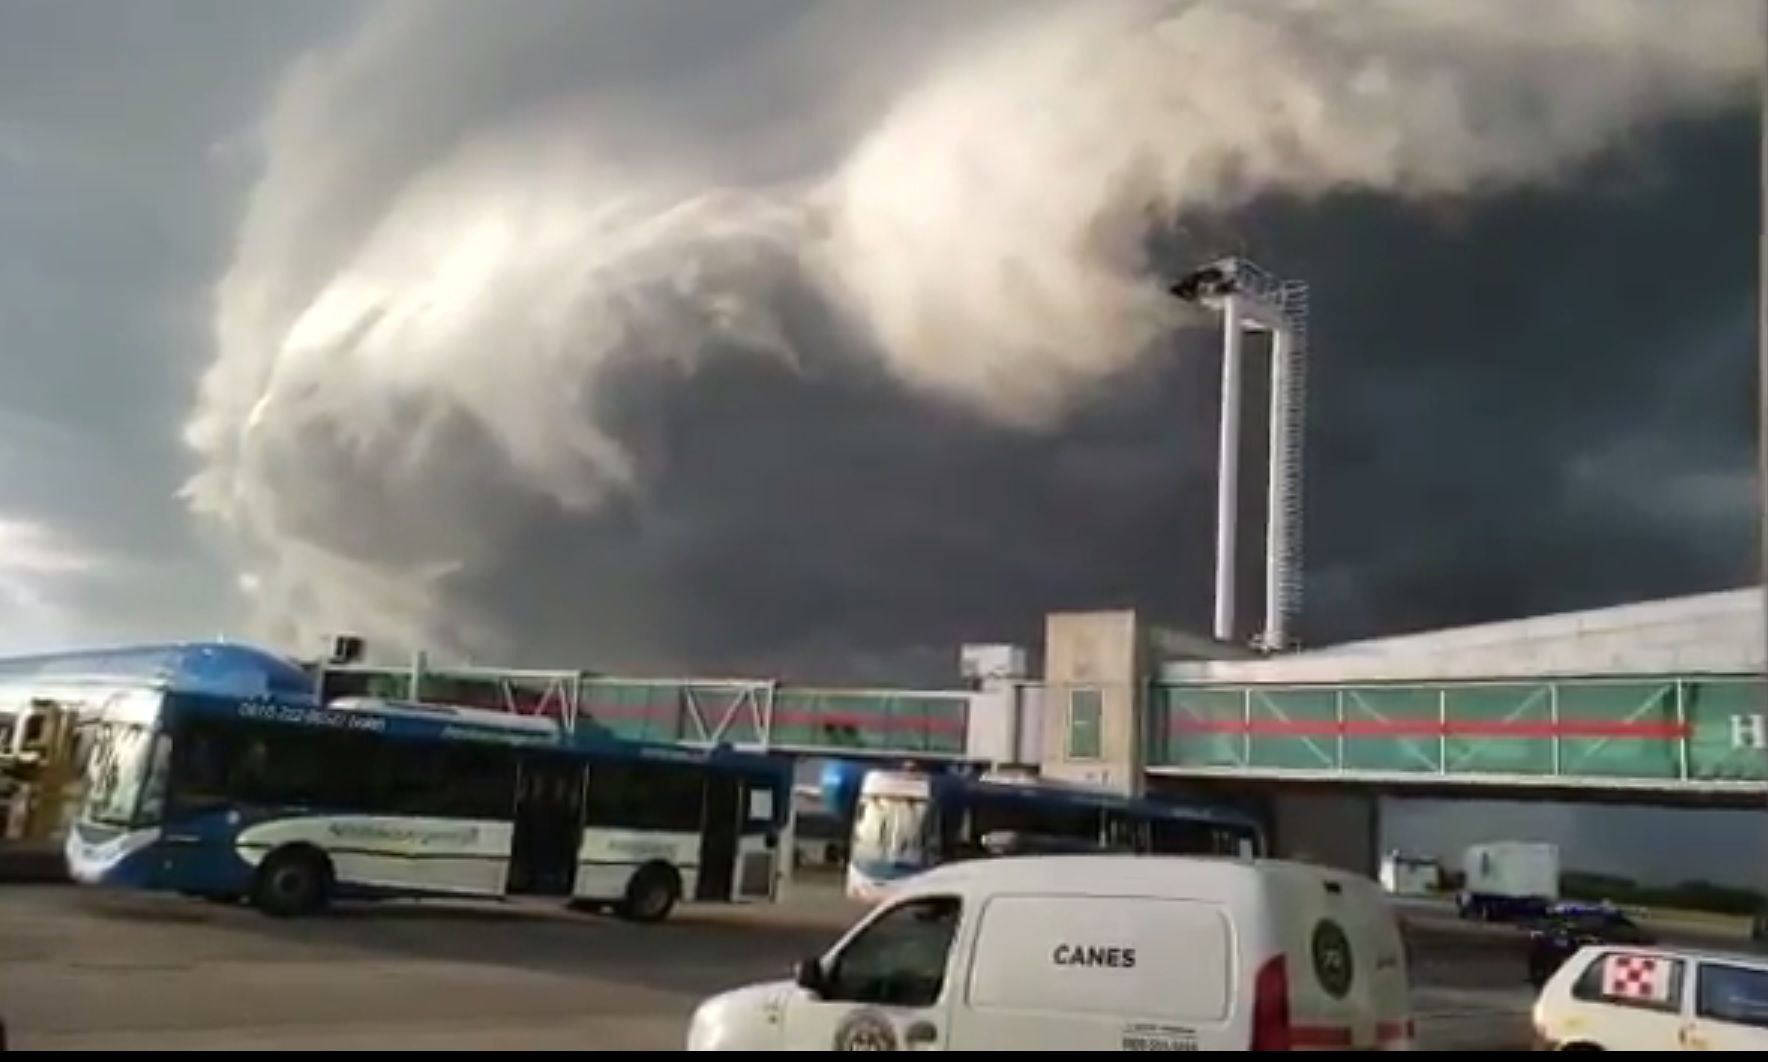 Una imagen apocalíptica: las nubes invadieron el aeropuerto de Ezeiza